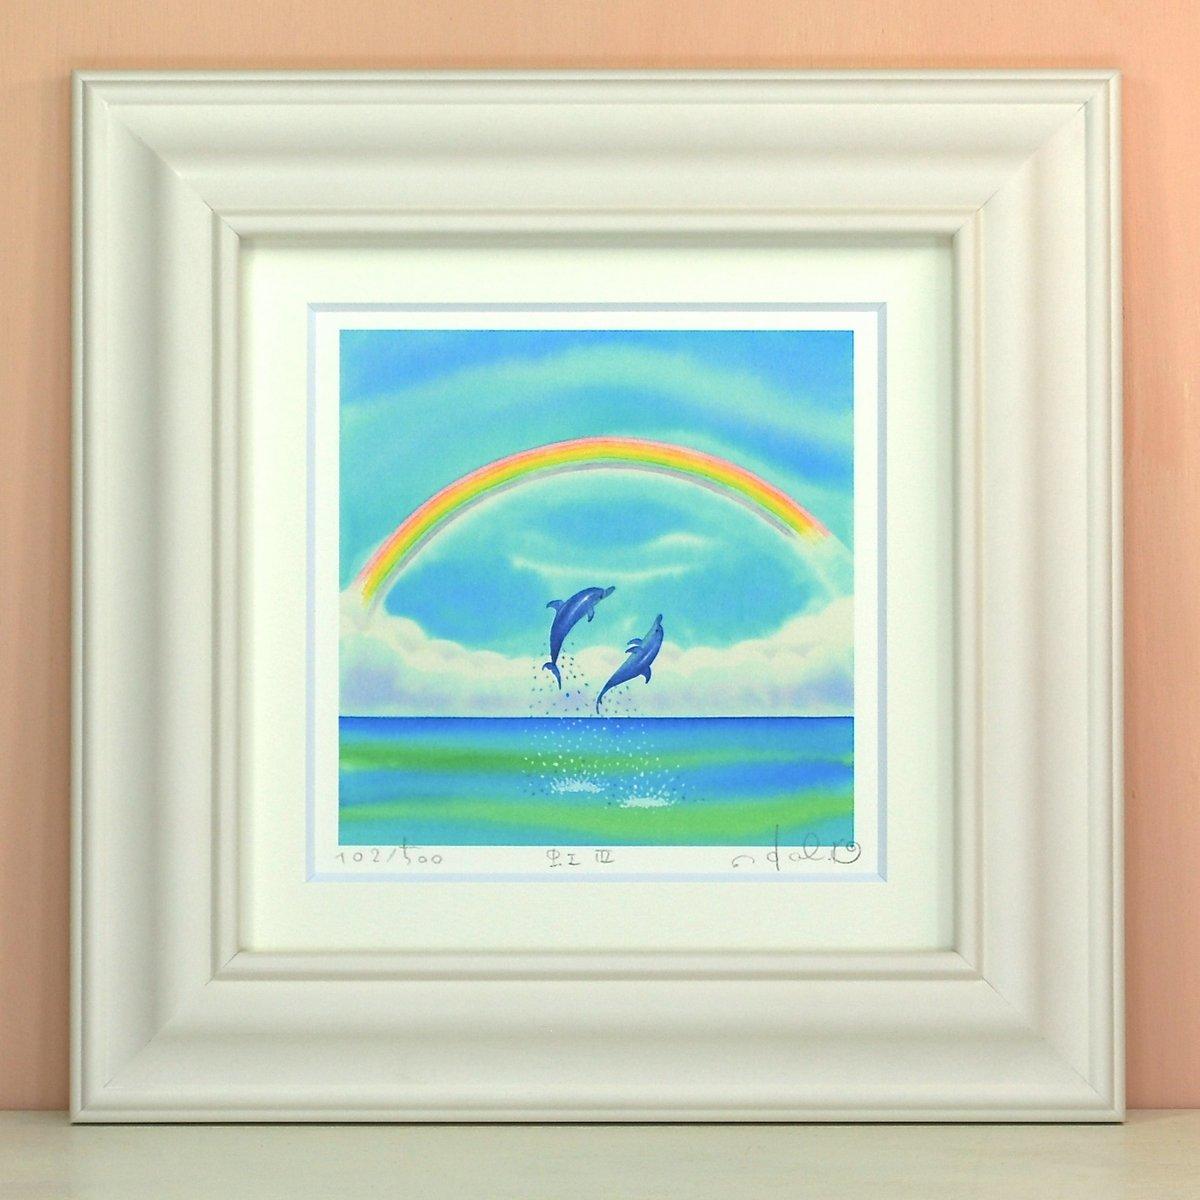 壁掛けアートは、リビングや玄関におすすめのインテリア。絵画といえばルノワール、ゴッホのひまわりといった名画が有名。かわいい壁飾りはお部屋を癒やしてくれそう。プレゼントにも 絵画 壁掛け 虹3〔栗乃木ハルミ・くりのきはるみ〕/インテリア 壁掛け 額入り 額装込 風景画 油絵 ポスター アート アートパネル リビング 玄関 プレゼント モダン アートフレーム おしゃれ 飾る Sサイズ 巣ごもり